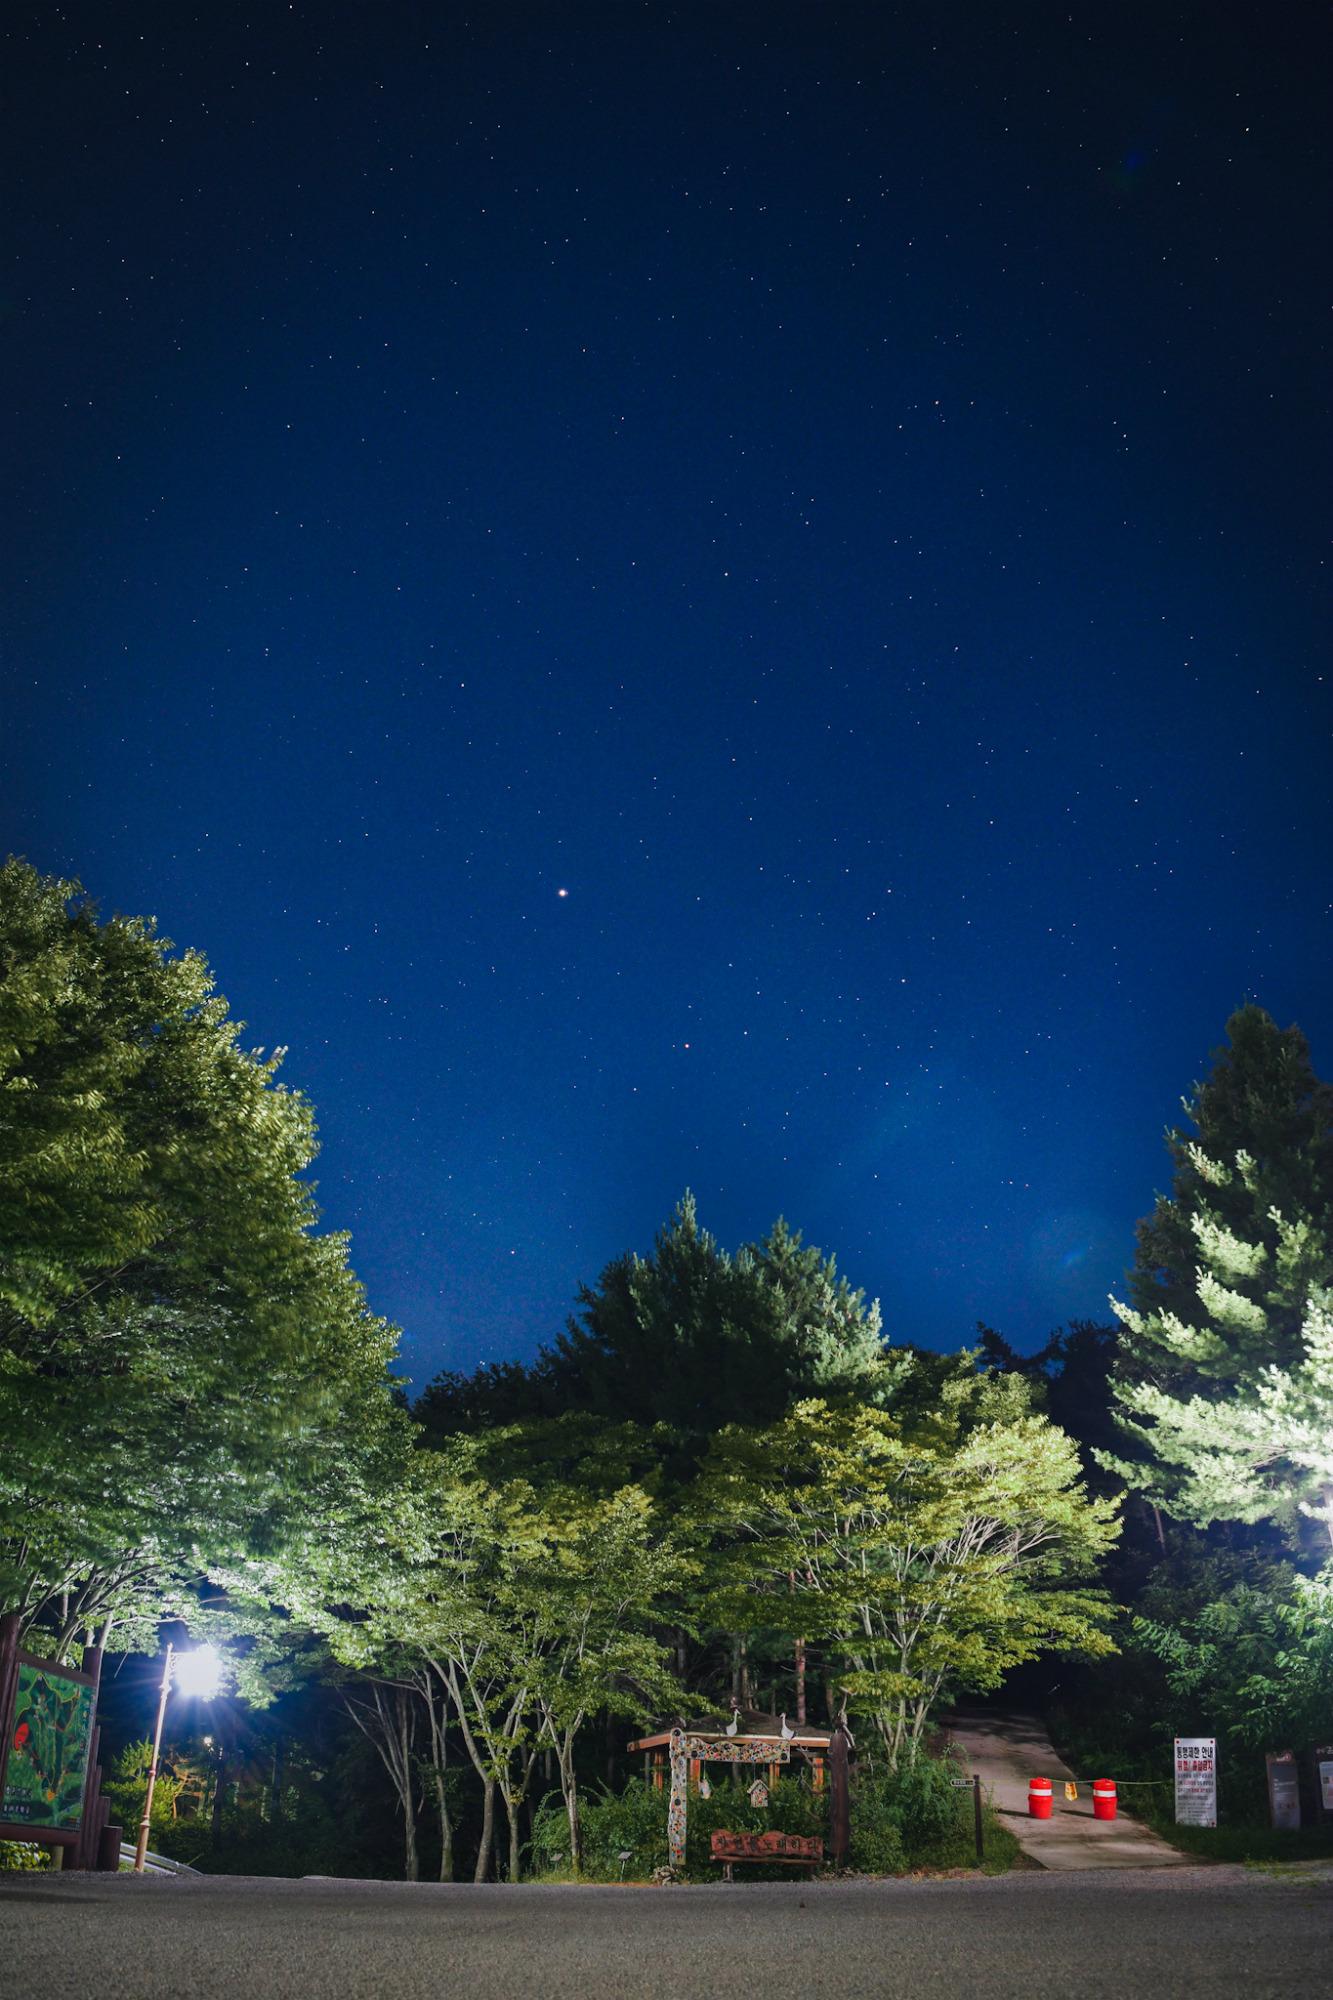 청송자연휴양림의 밤